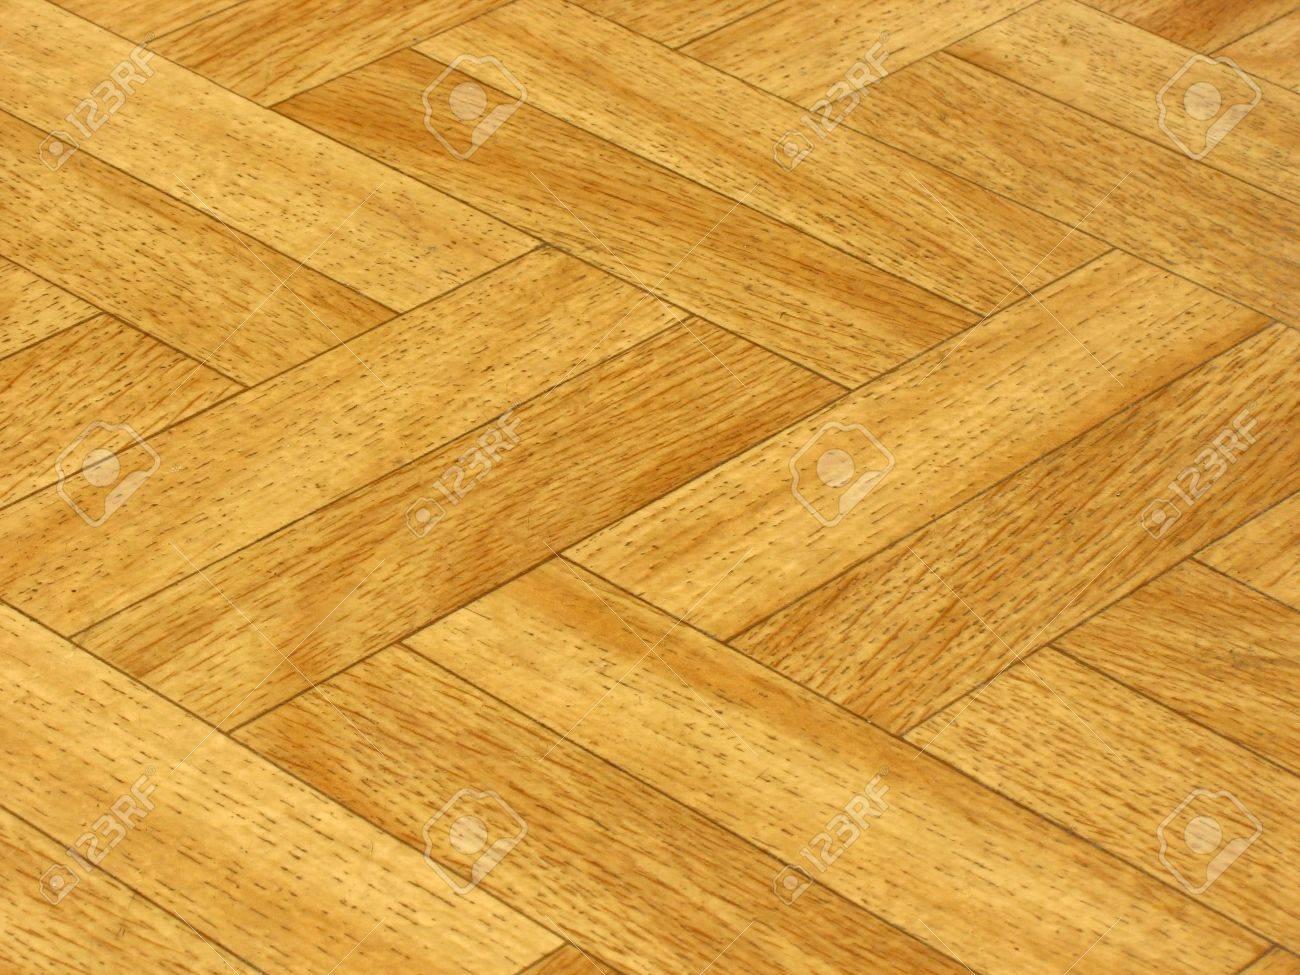 wooden floor texture linoleum stock photo